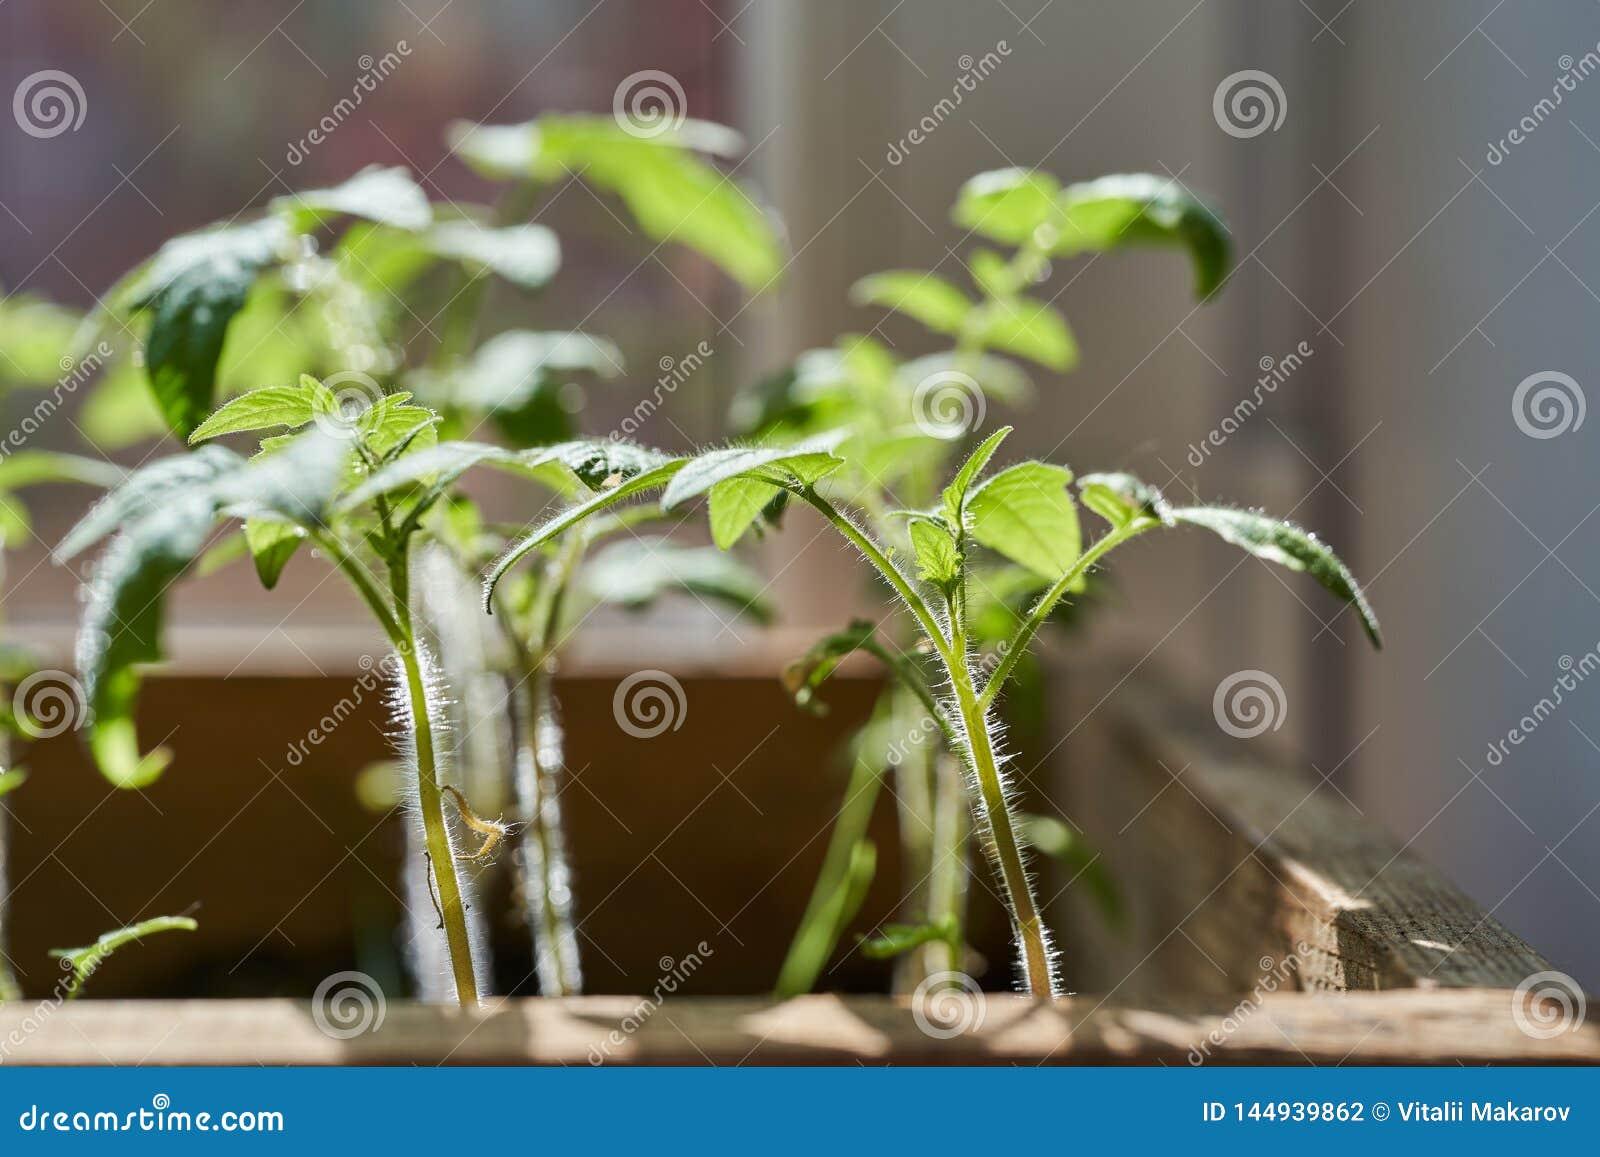 Σπορόφυτα των νέων ντοματών σε ένα κιβώτιο